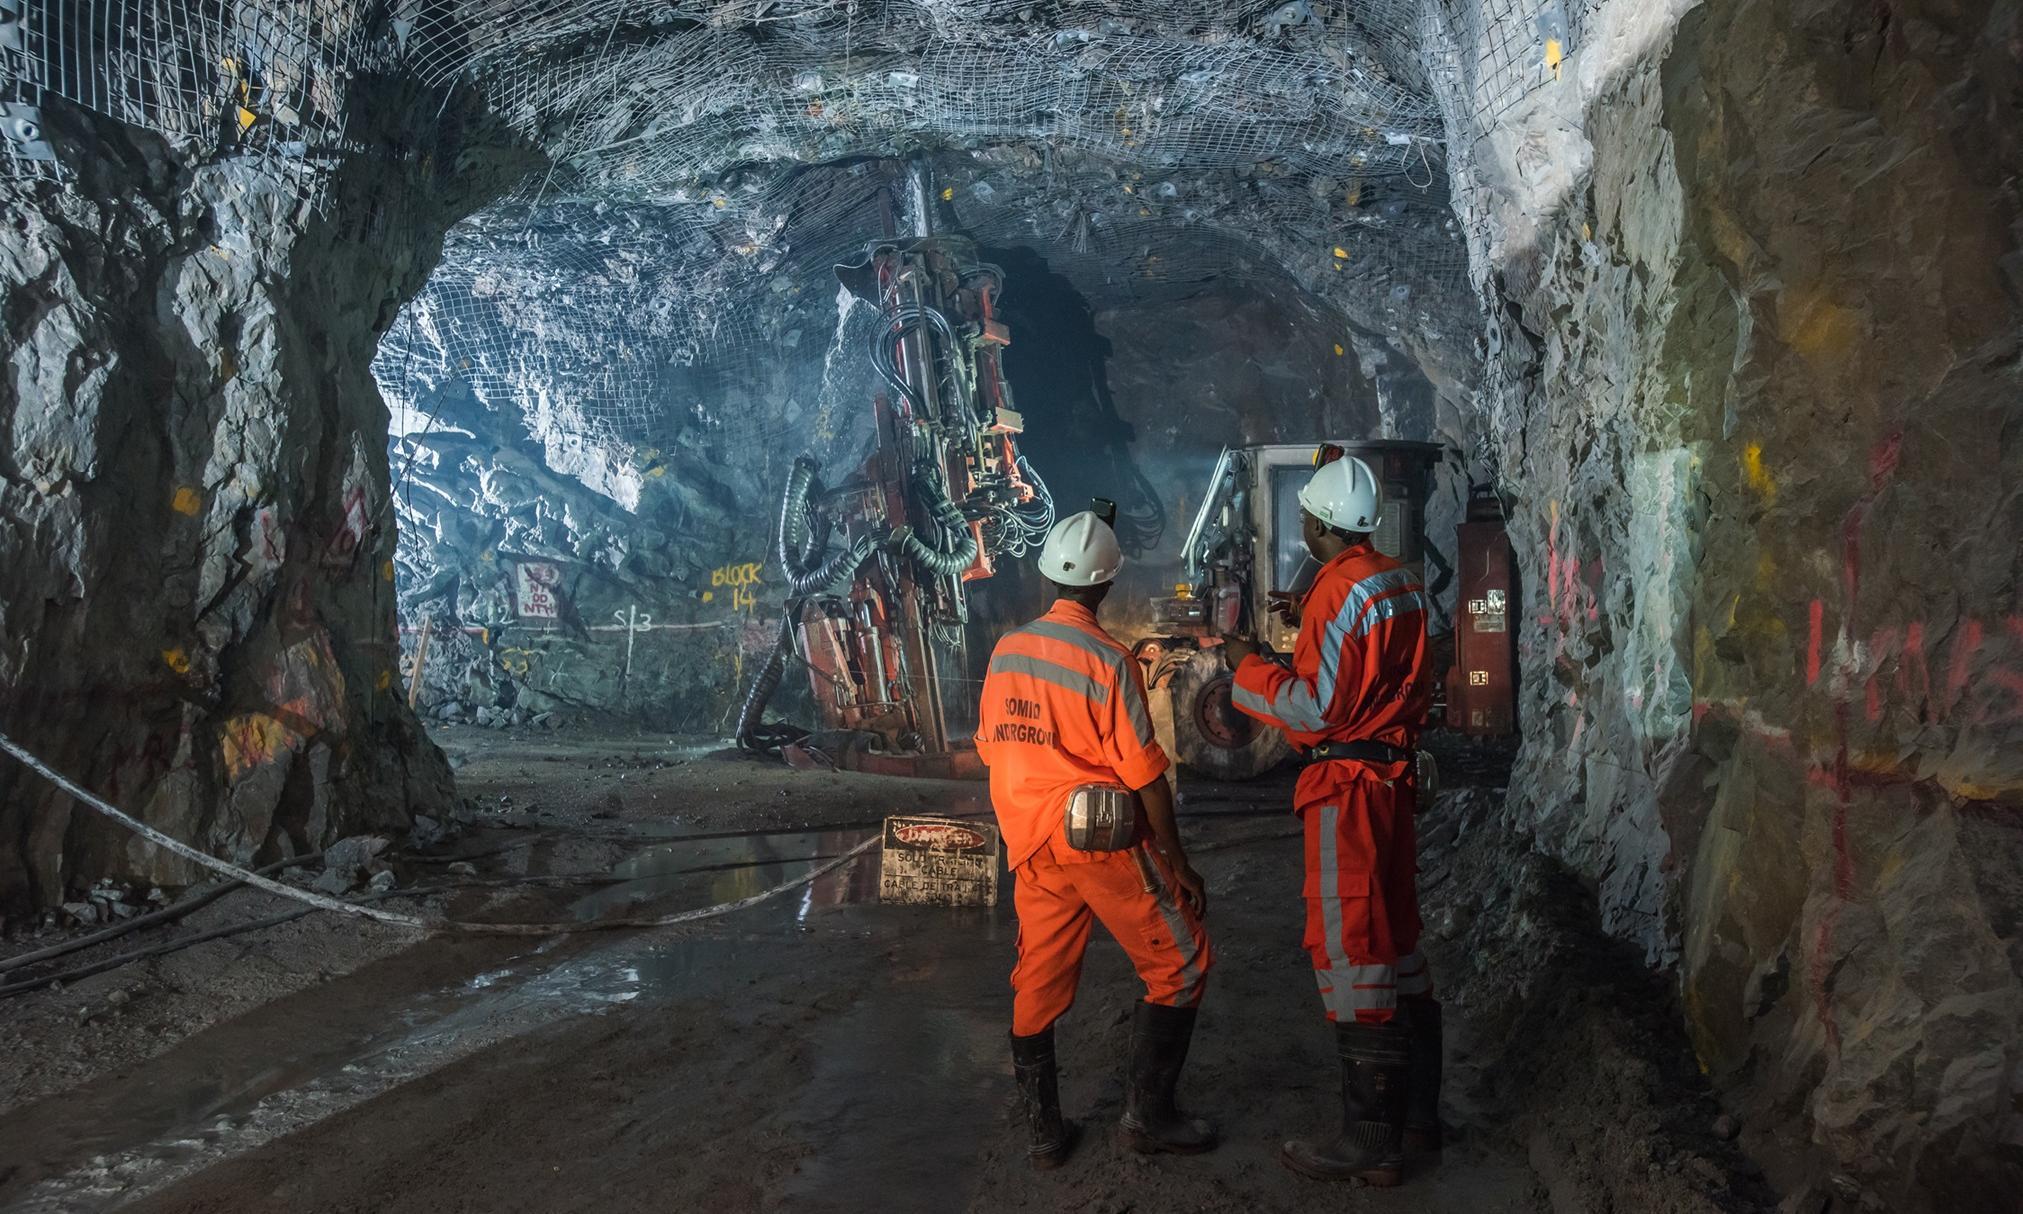 صنایع معدنی پادزهر تحریم ها/سهم بخش معدن در تولید ناخالص باید افزایش یابد